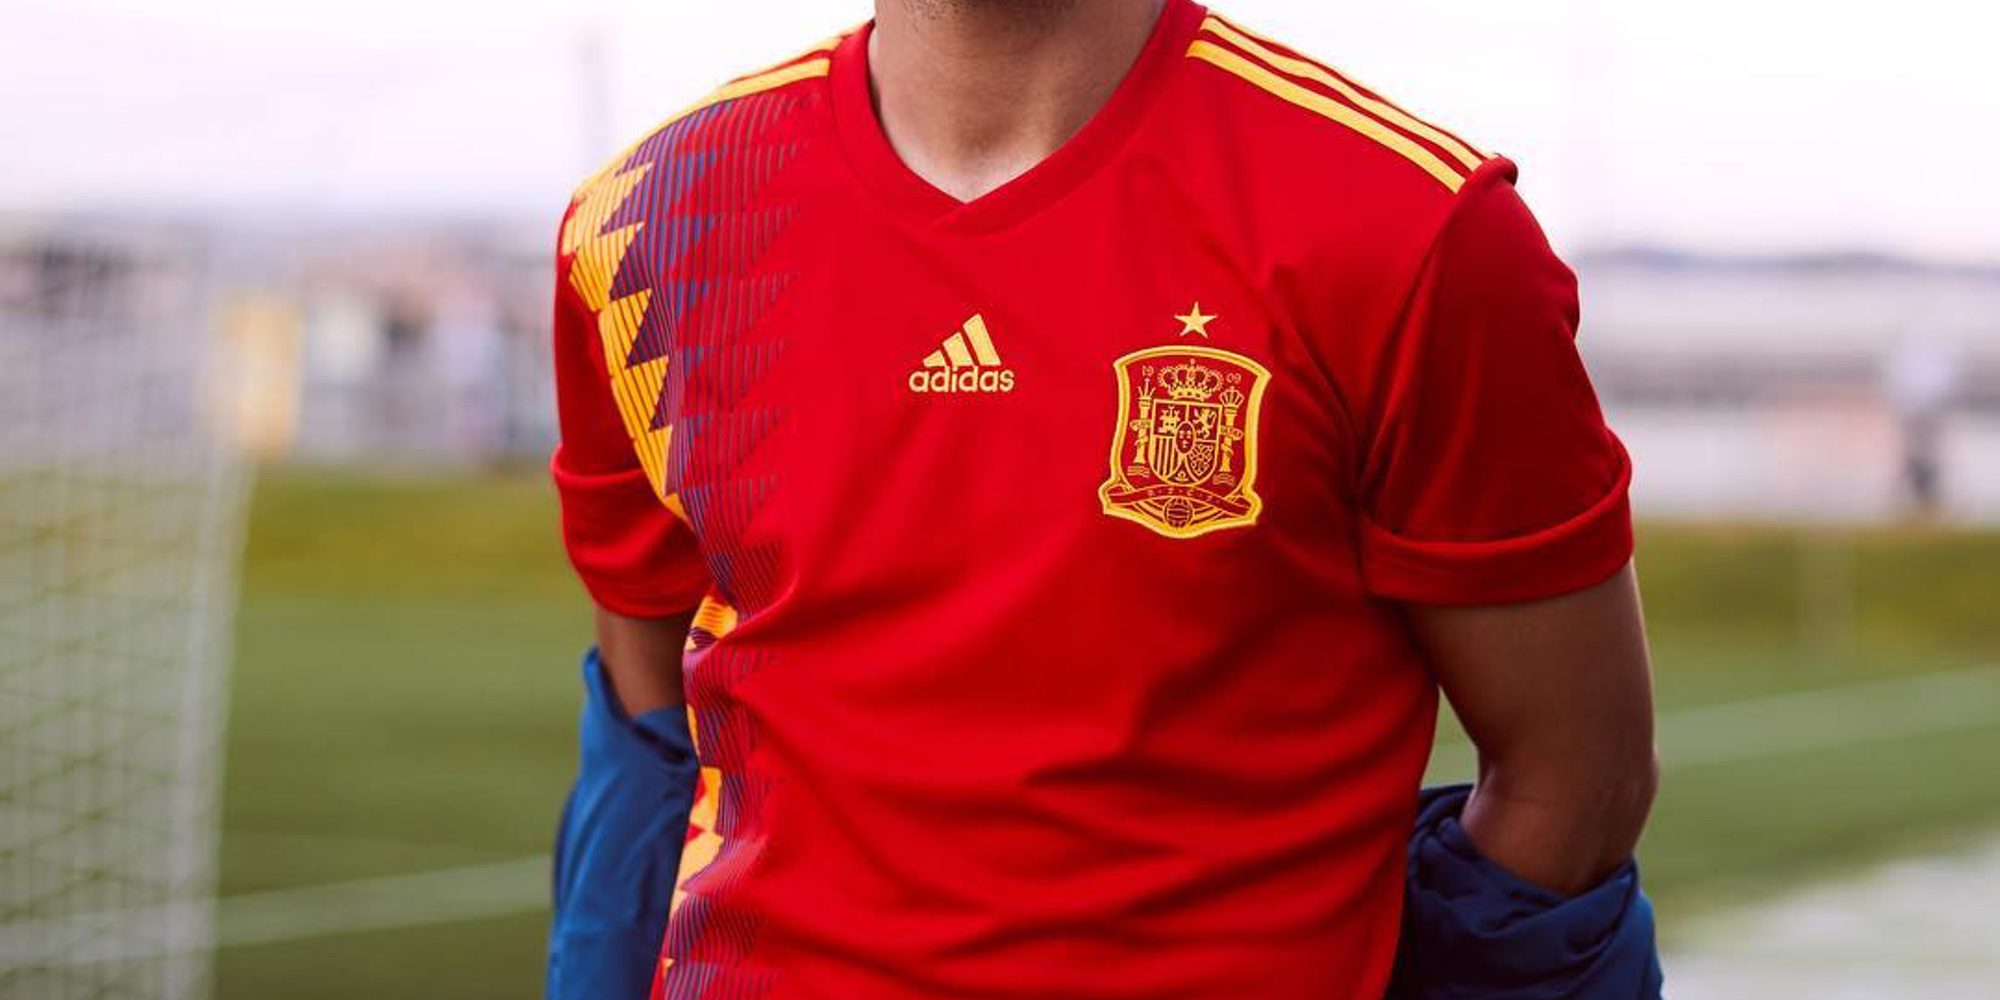 La nueva camiseta de la Selección Española crea polémica por sus colores parecidos a la bandera republicana